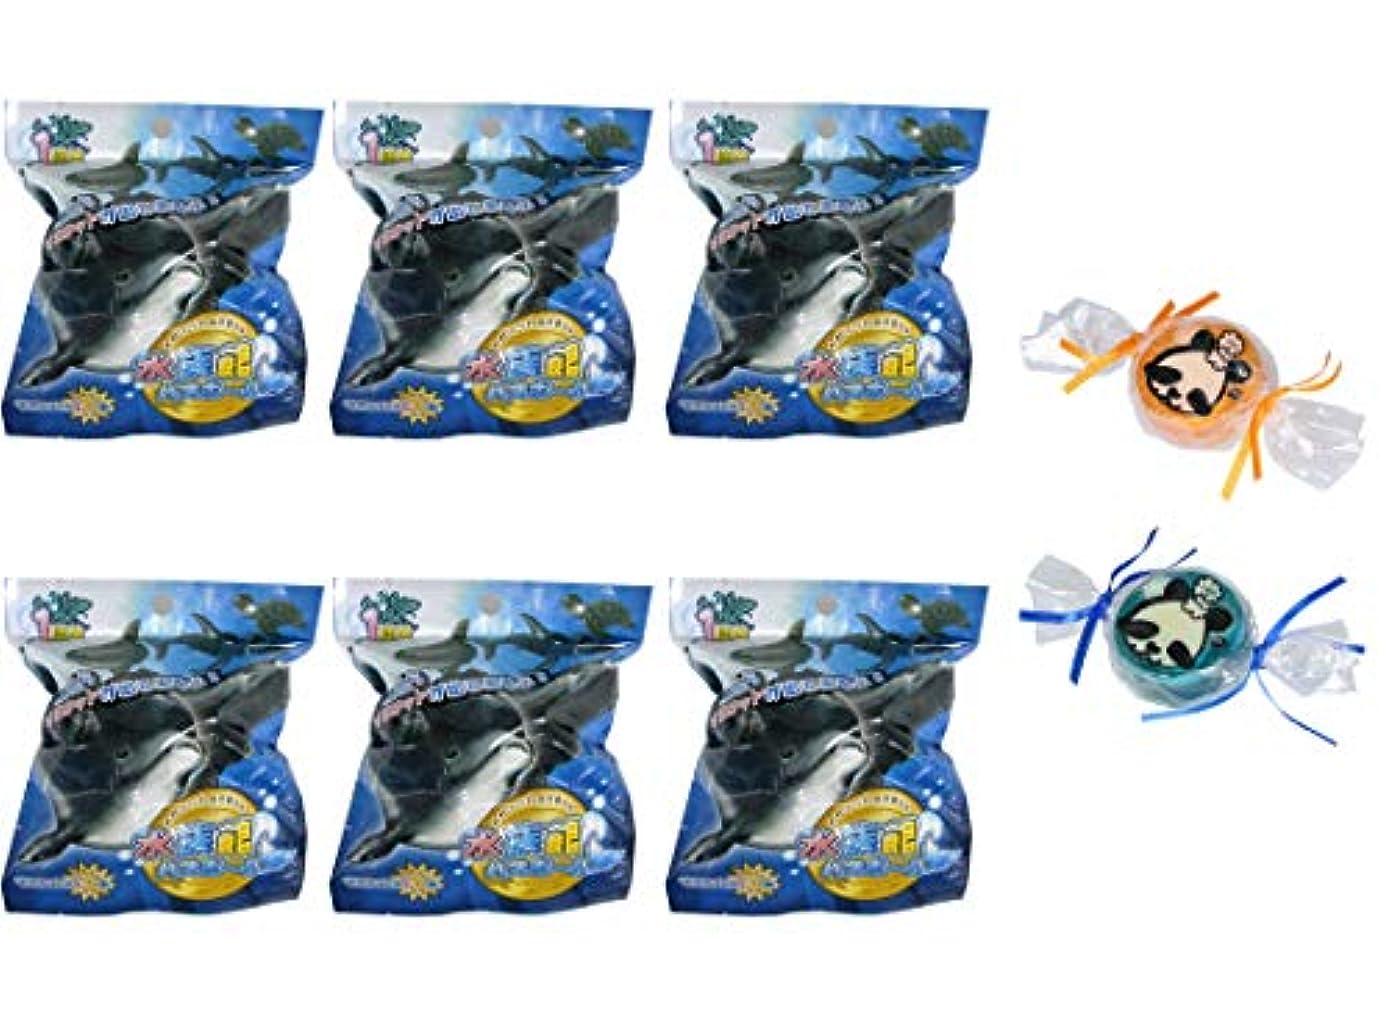 【6個セット+ミニ石けん付】サンタン 水族館 バスボール せっけんの香り 80g【パンダ石けん2個付】